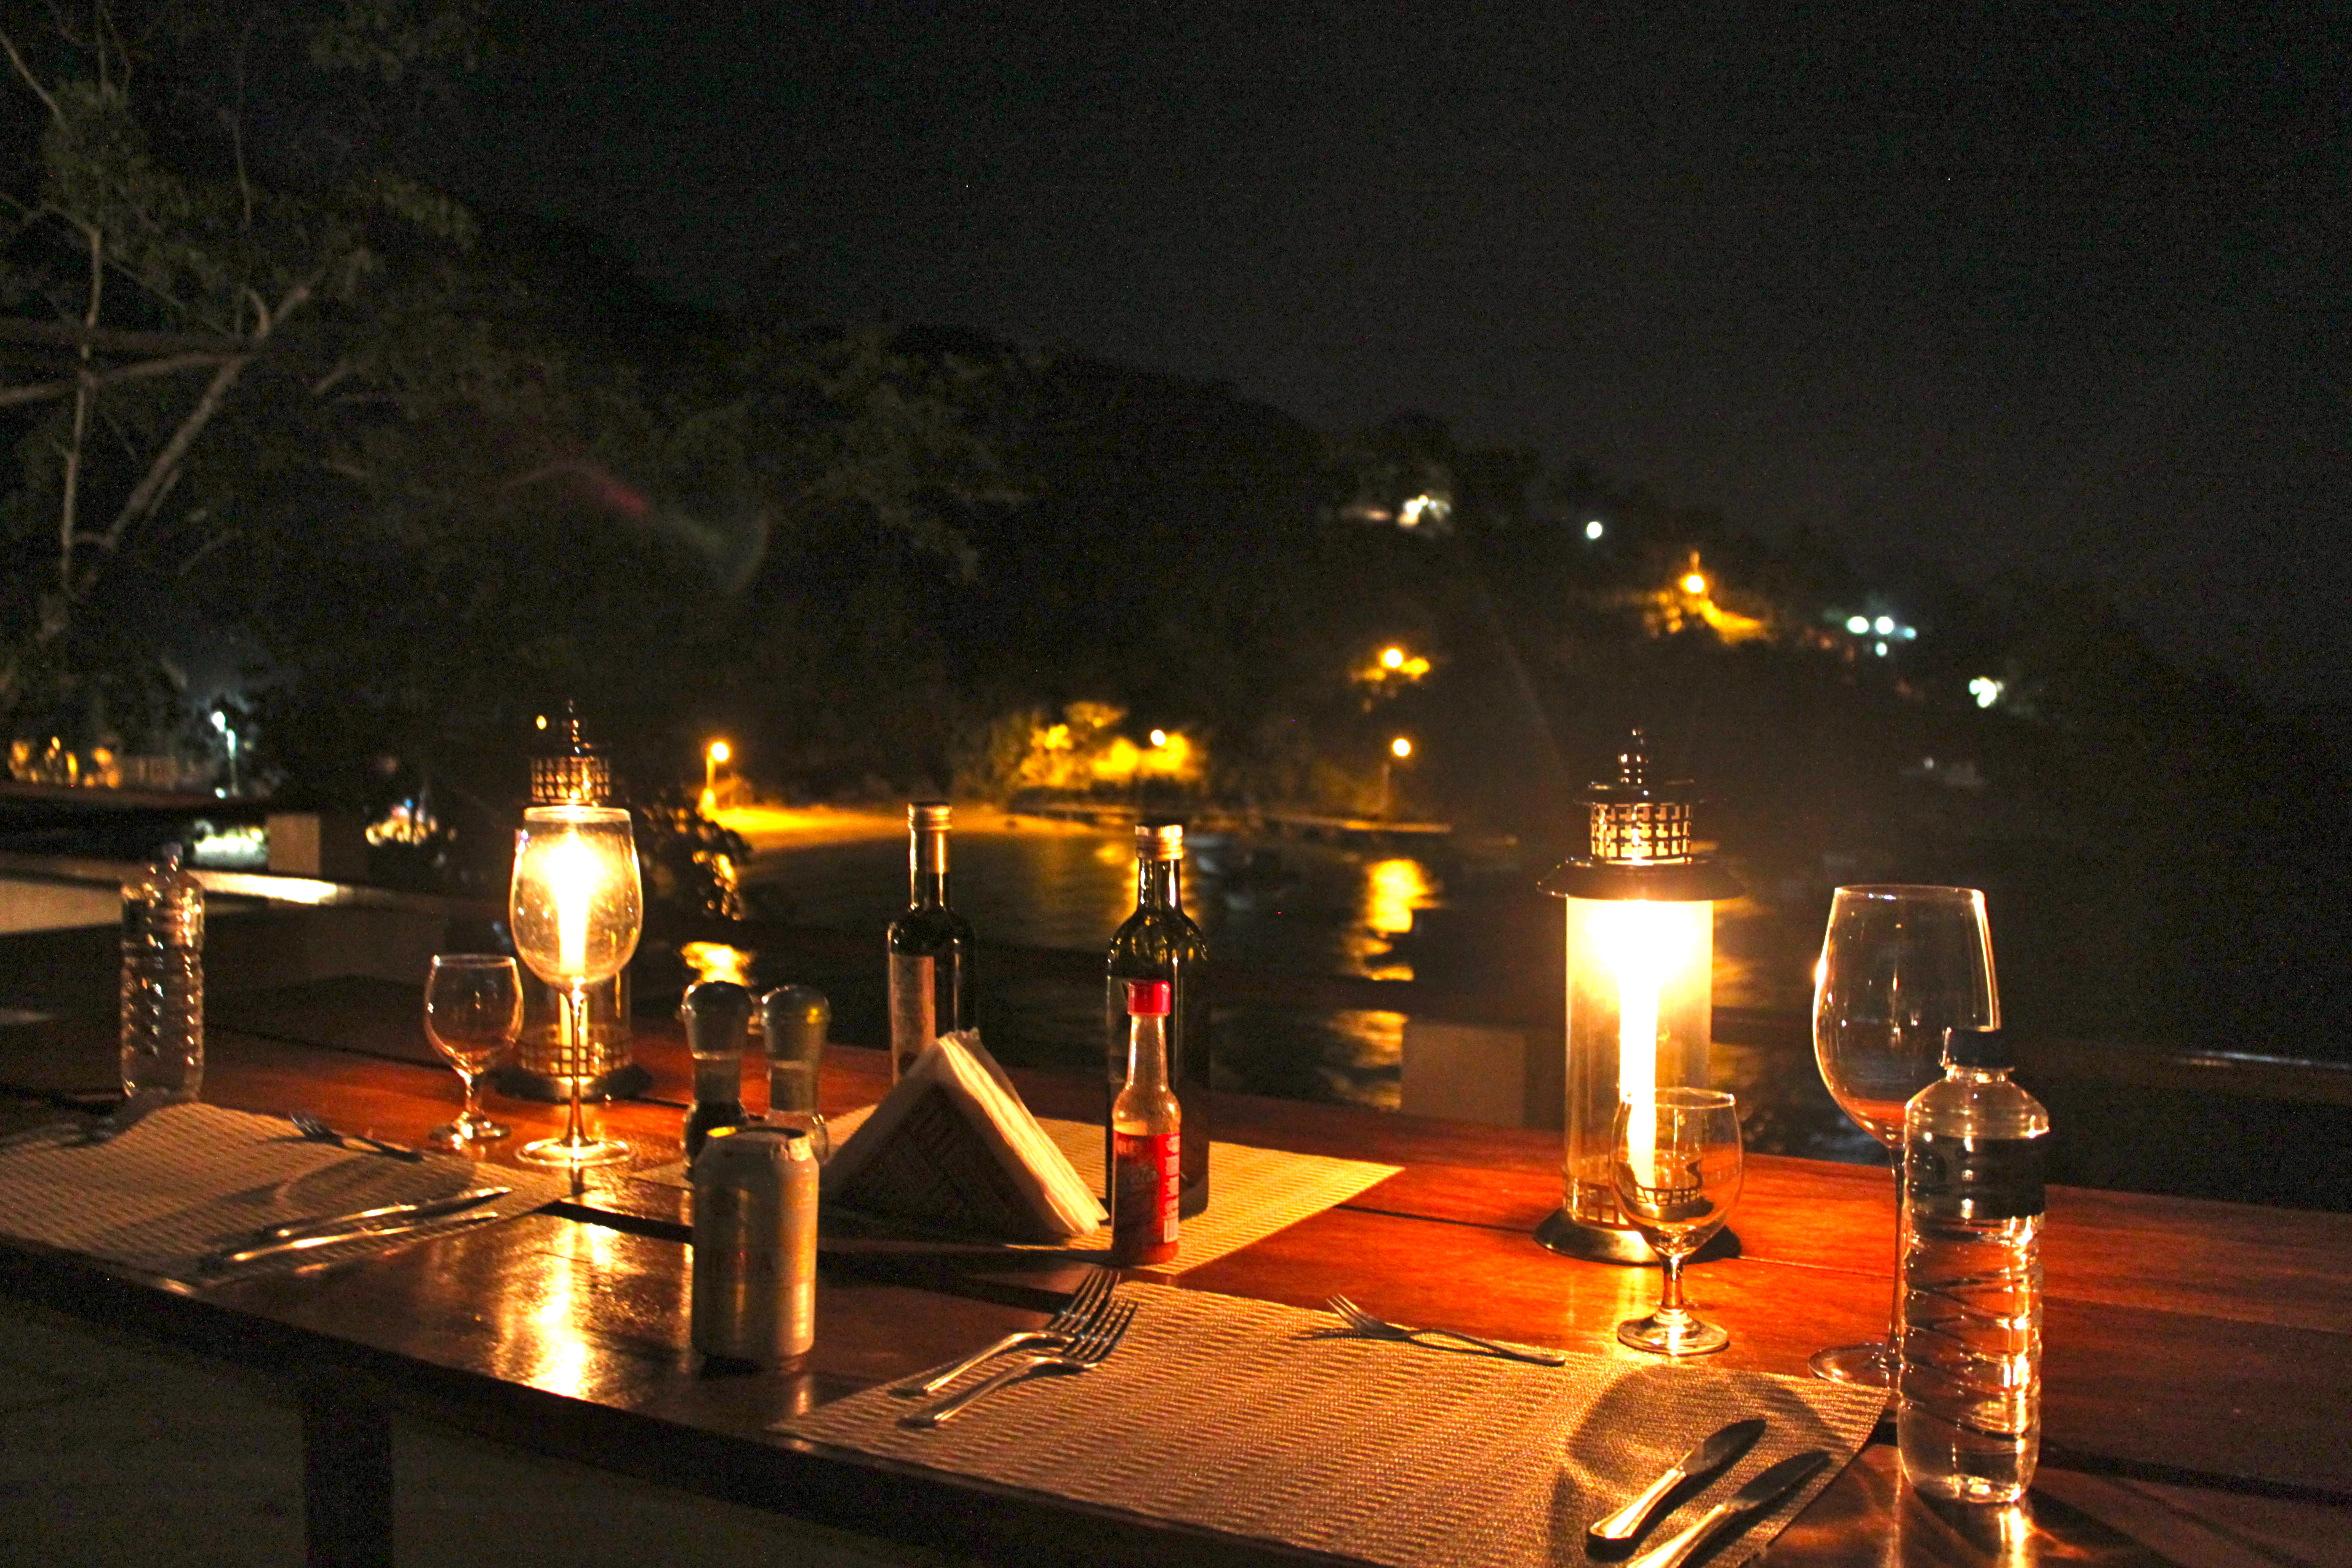 Dinner at Vila Pedra Mar